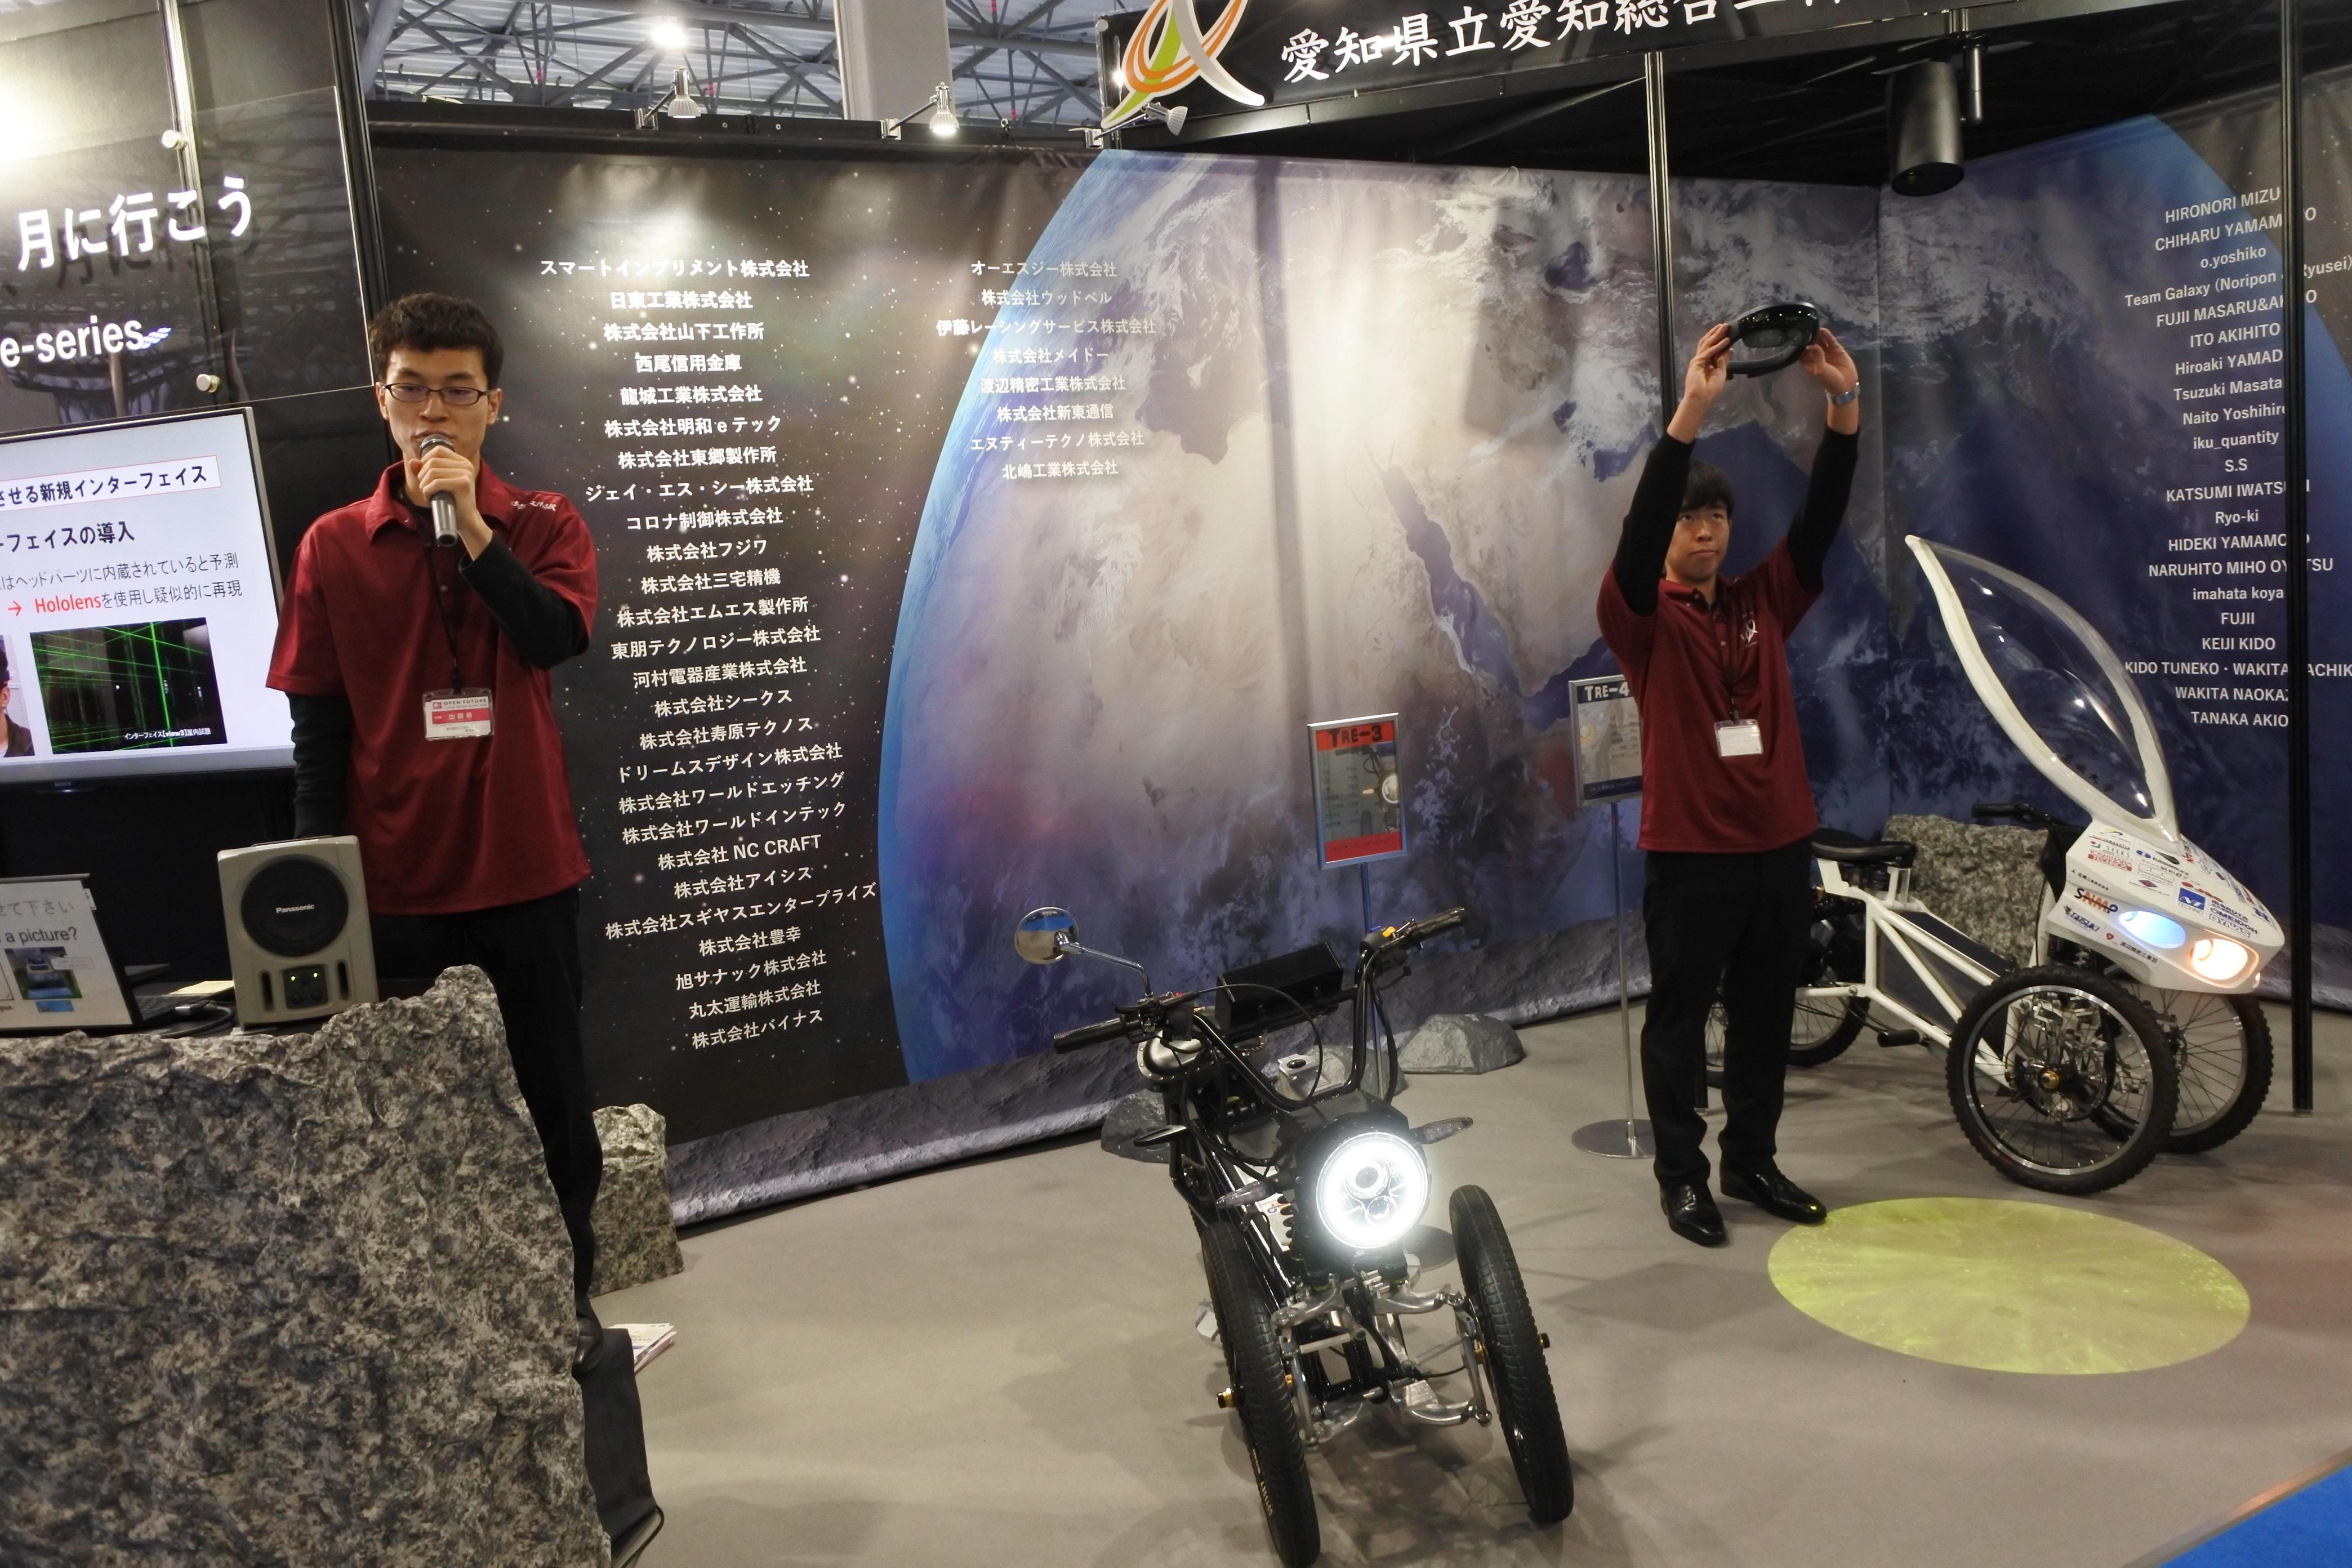 解説する専攻科の神谷孝祐さん(左)と百々光平さん